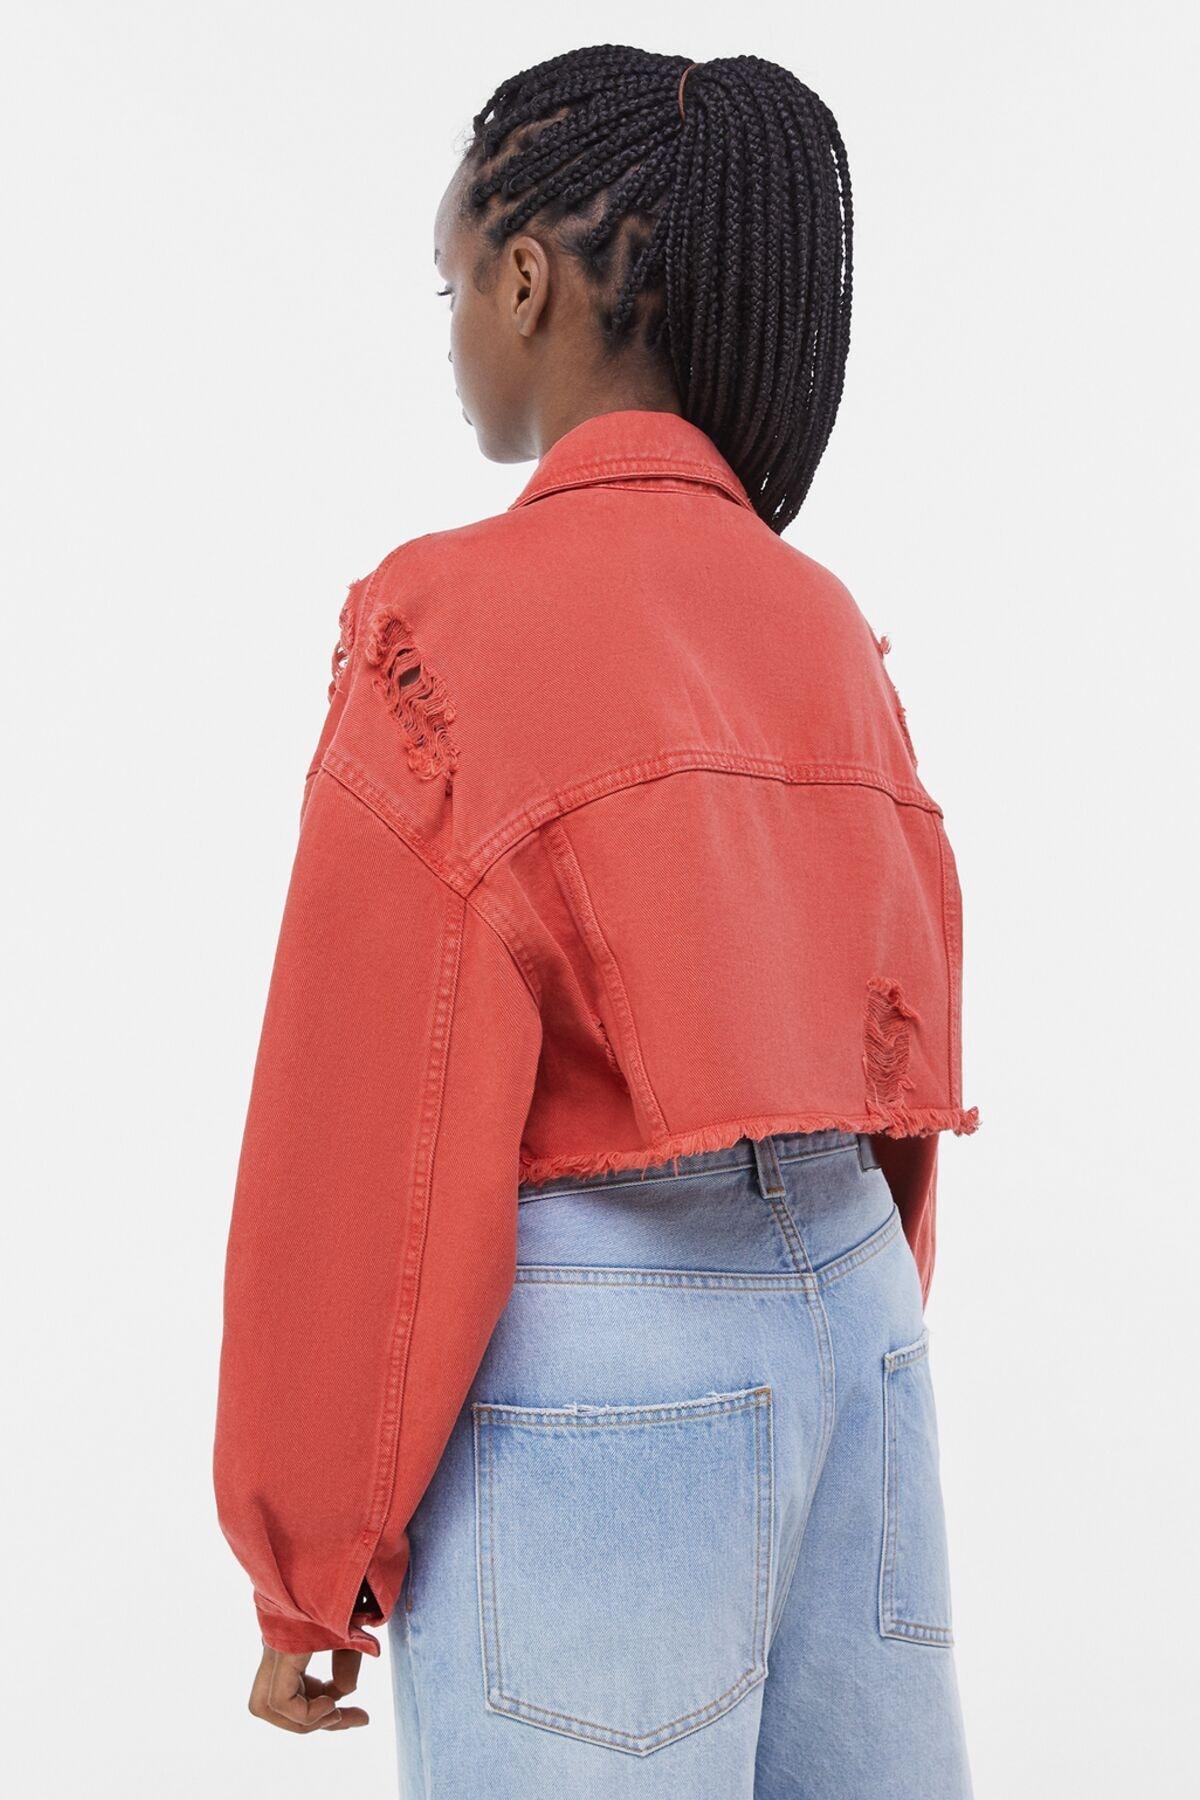 Bershka Kadın Kırmızı Acid Wash Distressed Ceket 01308019 1